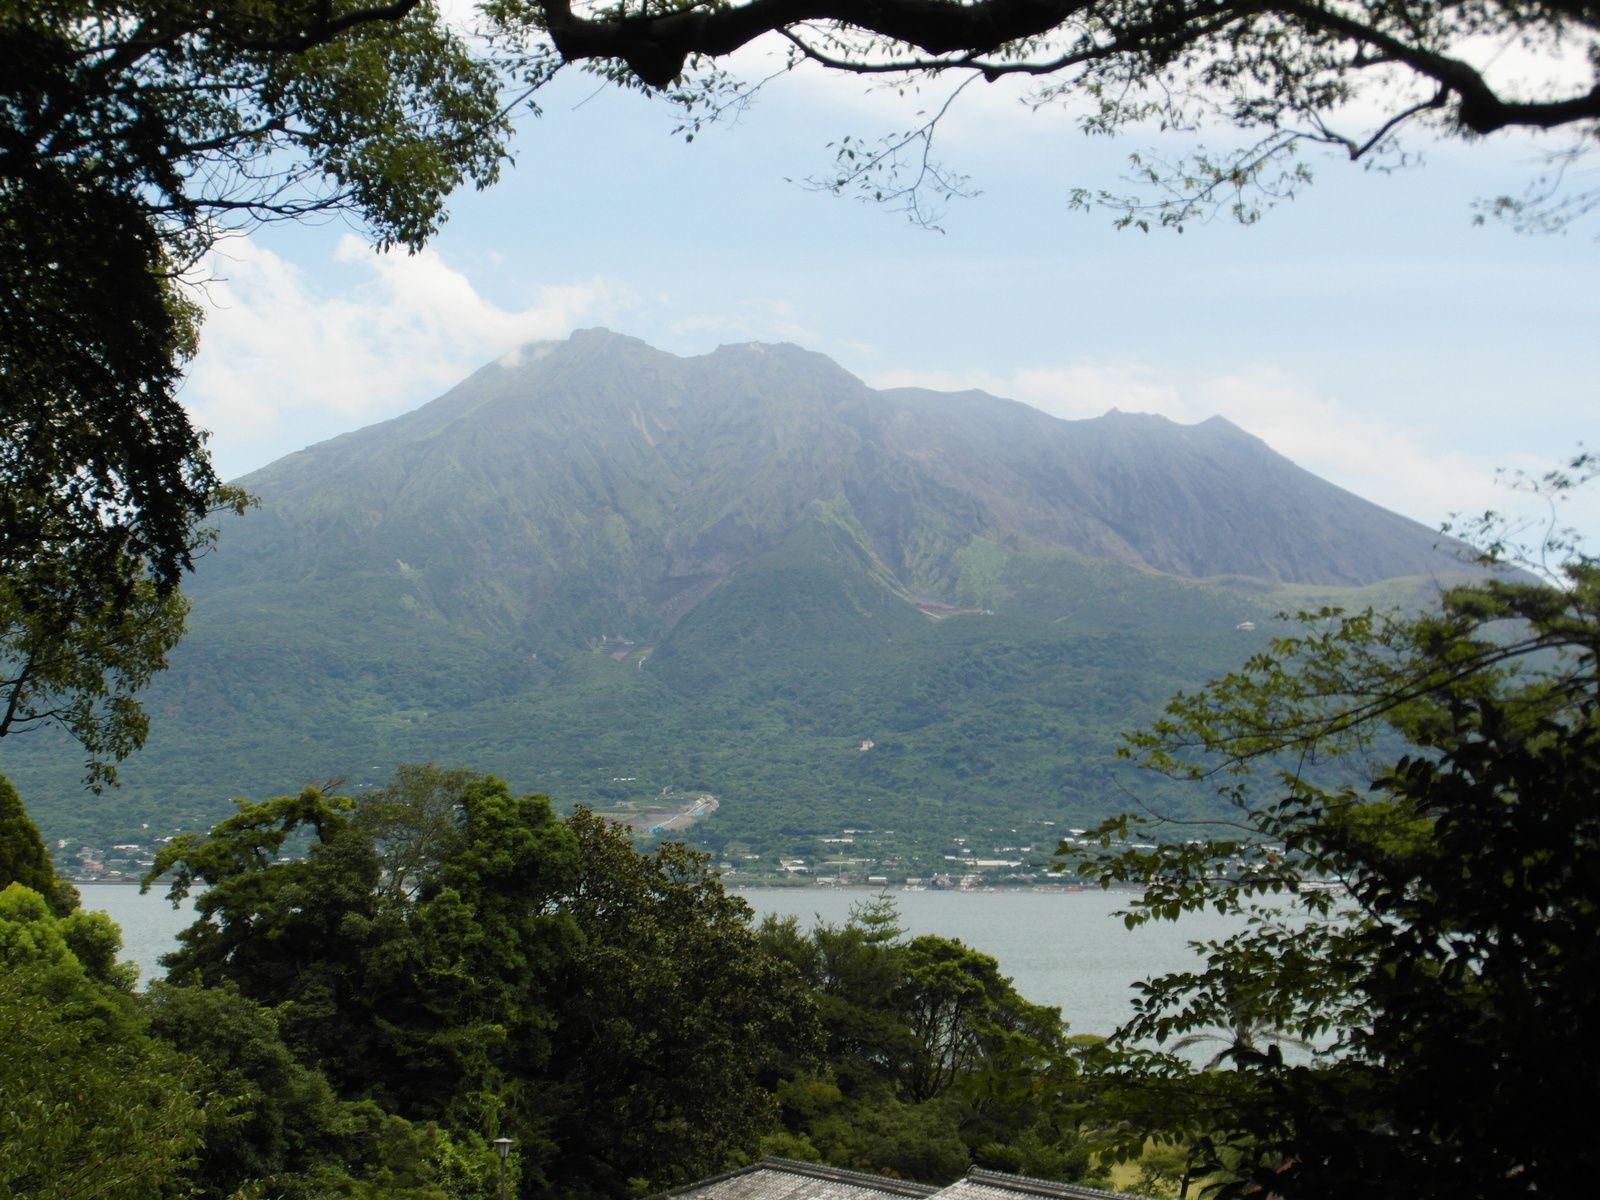 Christian Soleil attend de pied ferme l'éruption du Sakurajima